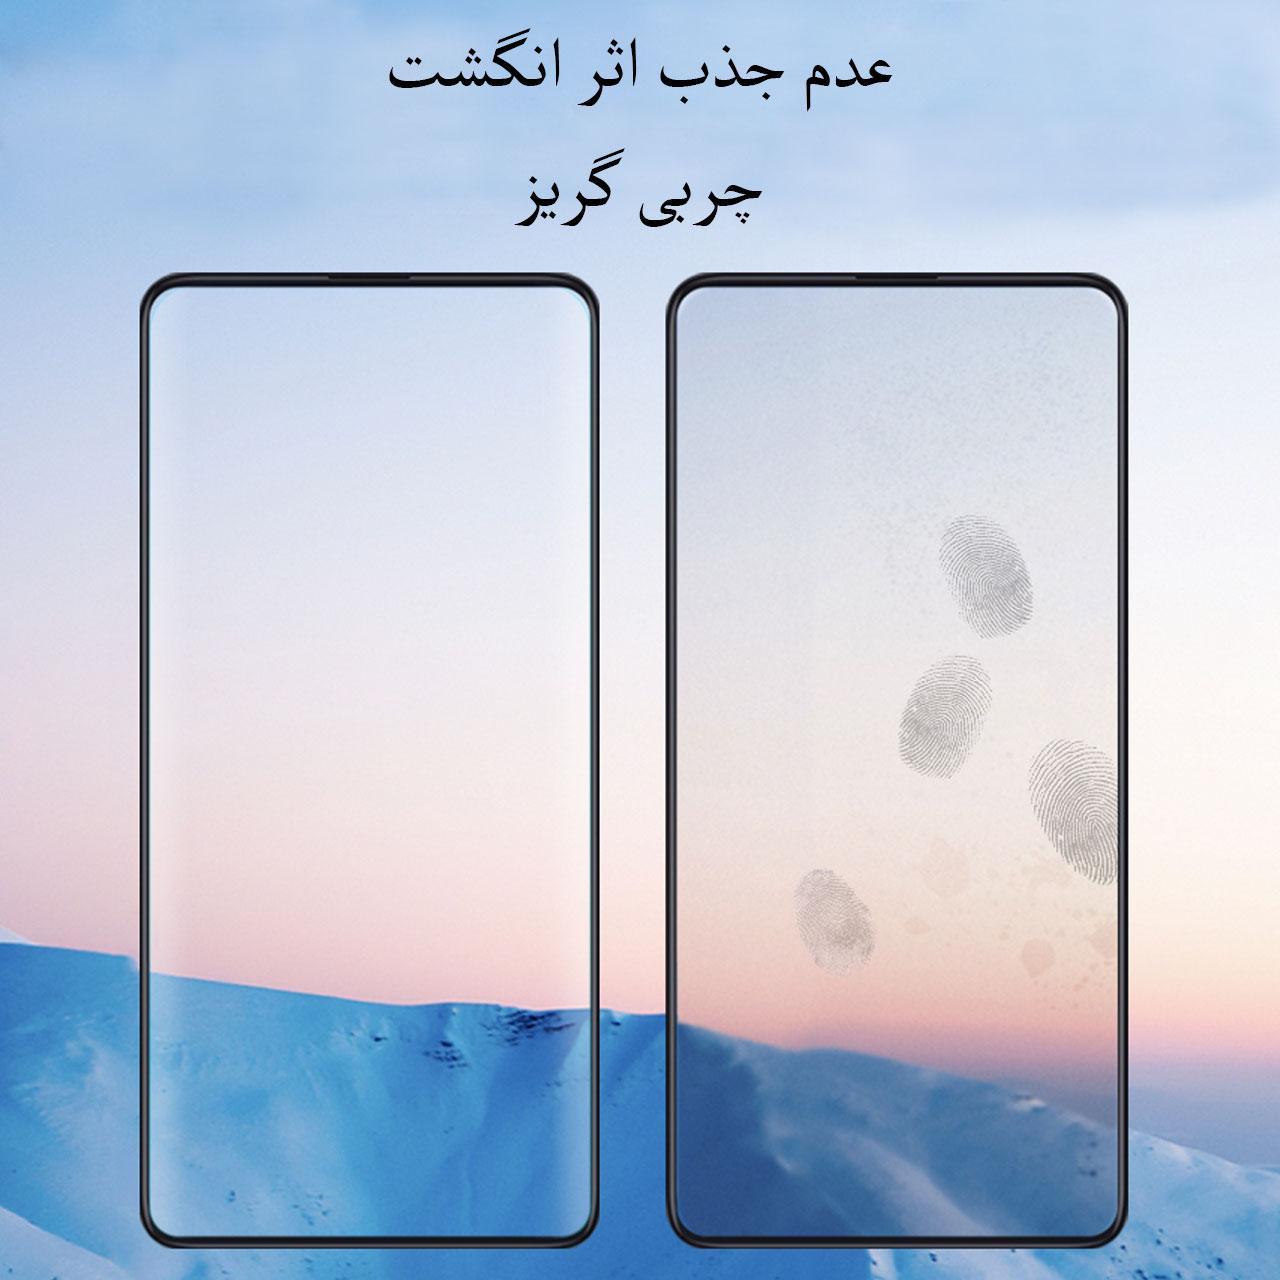 محافظ صفحه نمایش مدل FCG مناسب برای گوشی موبایل شیائومی Redmi Note 9 main 1 9